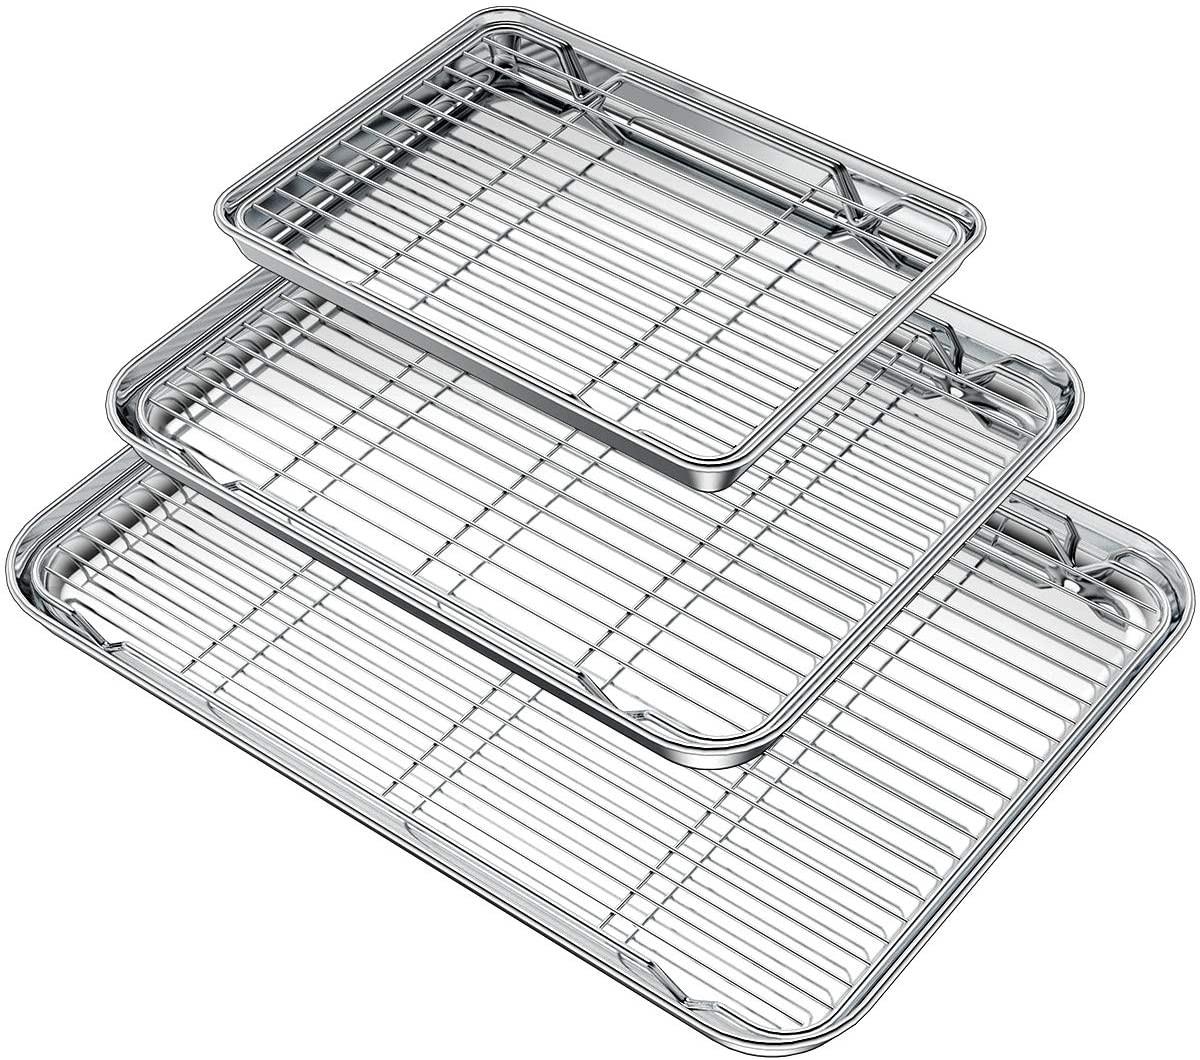 Wildone Baking Sheet with Rack Set (3 Pans + 3 Racks), Stainless Steel Baking Pan Cookie Sheet